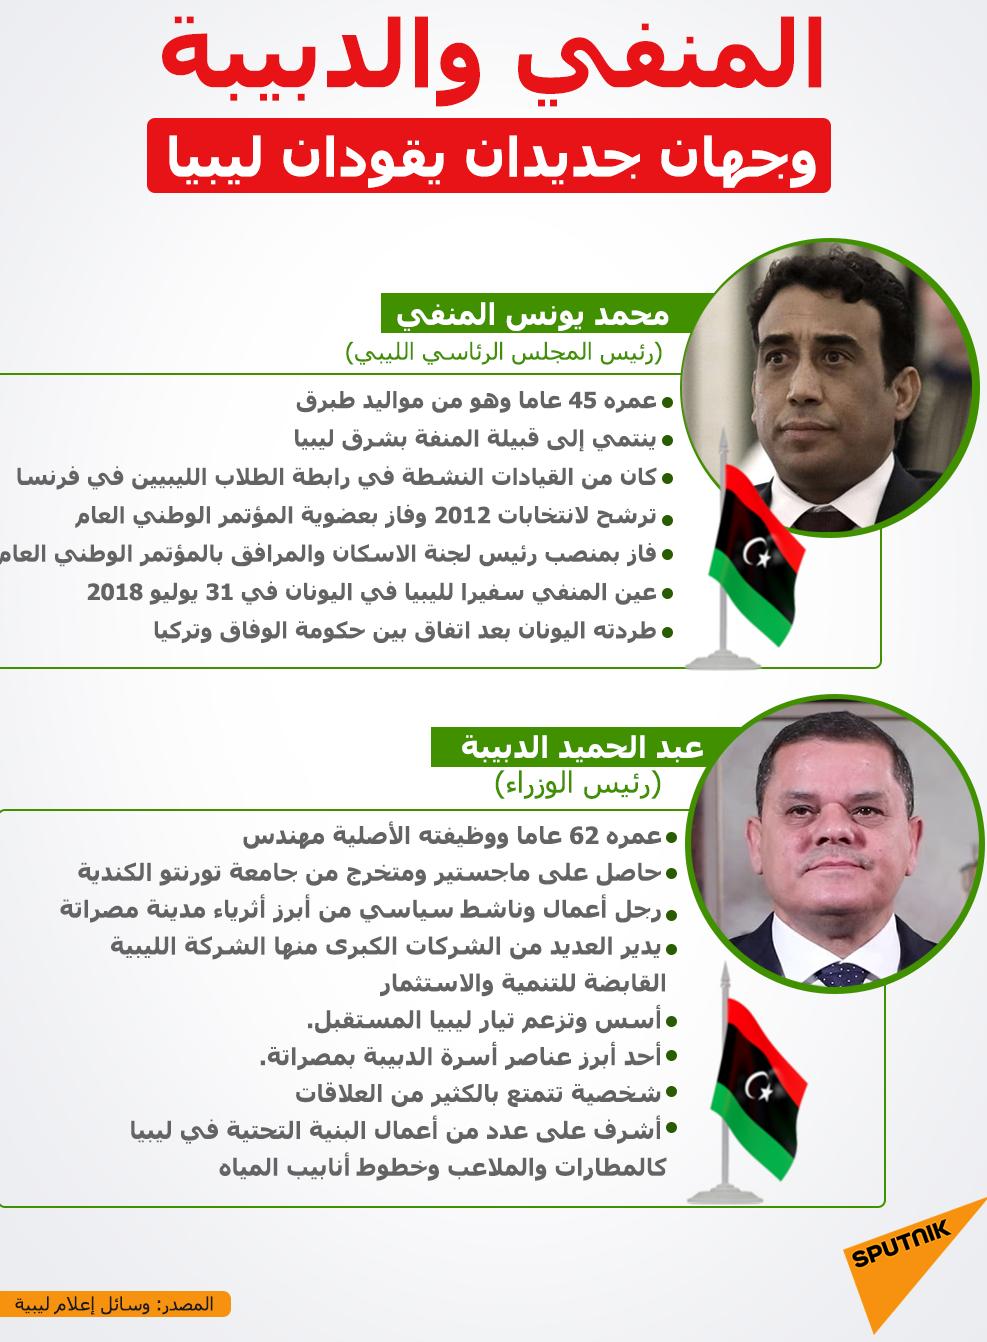 المنفي والدبيبة .. وجهان جديدان يقودان ليبيا